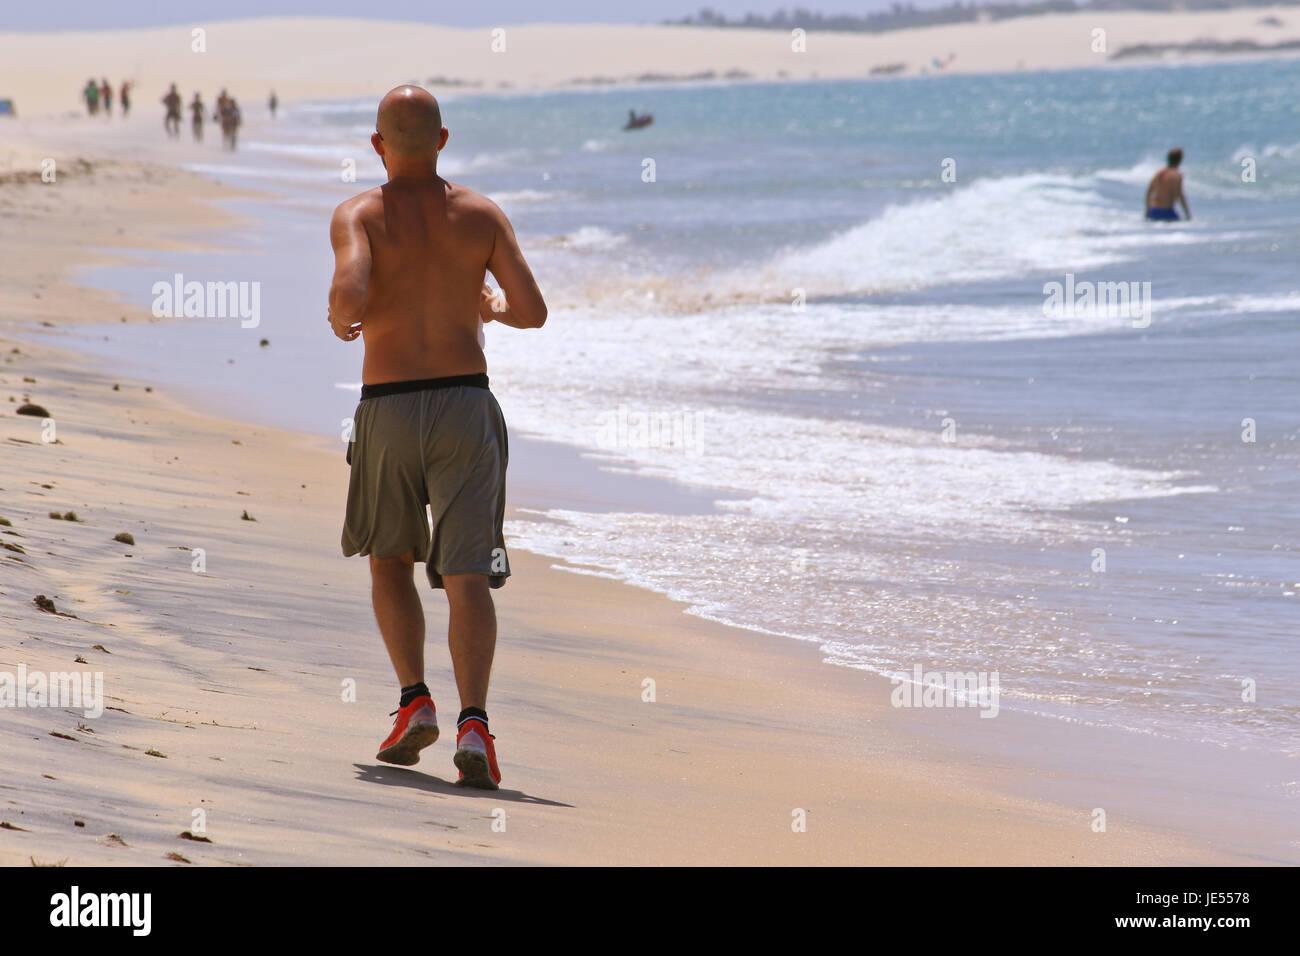 Sportlicher Mann läuft entlang des Strandes auf den Ozean für den perfekten Körper in Ordnung zu Stockbild